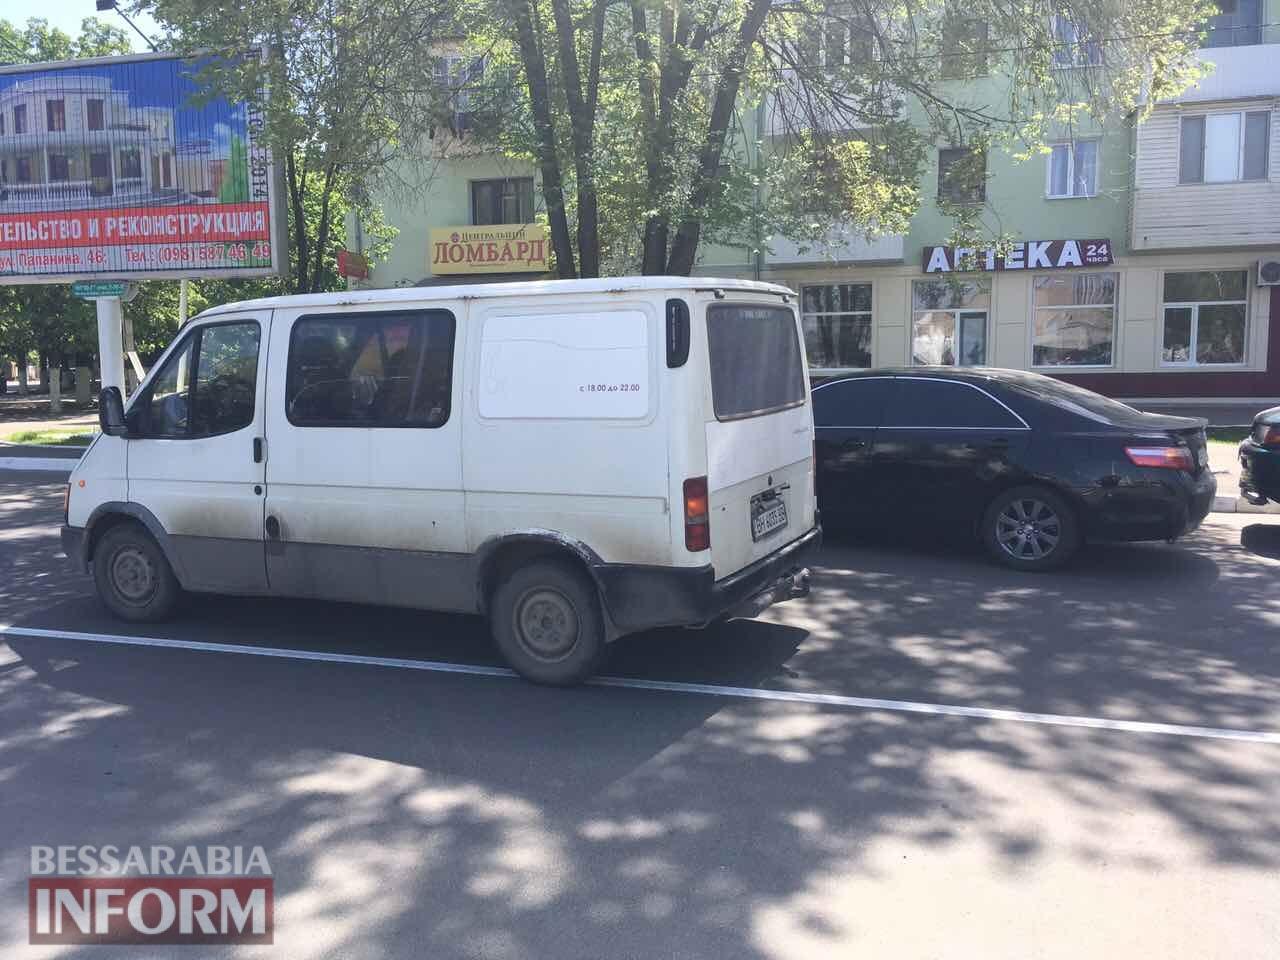 59085e0f3fc87_DTP-Toyota-i-Ford-na-ploschadi-Mira-v-Izmaile Измаил: на площади Мира произошло сразу два ДТП, в одно из которых пострадала женщина велосипедист